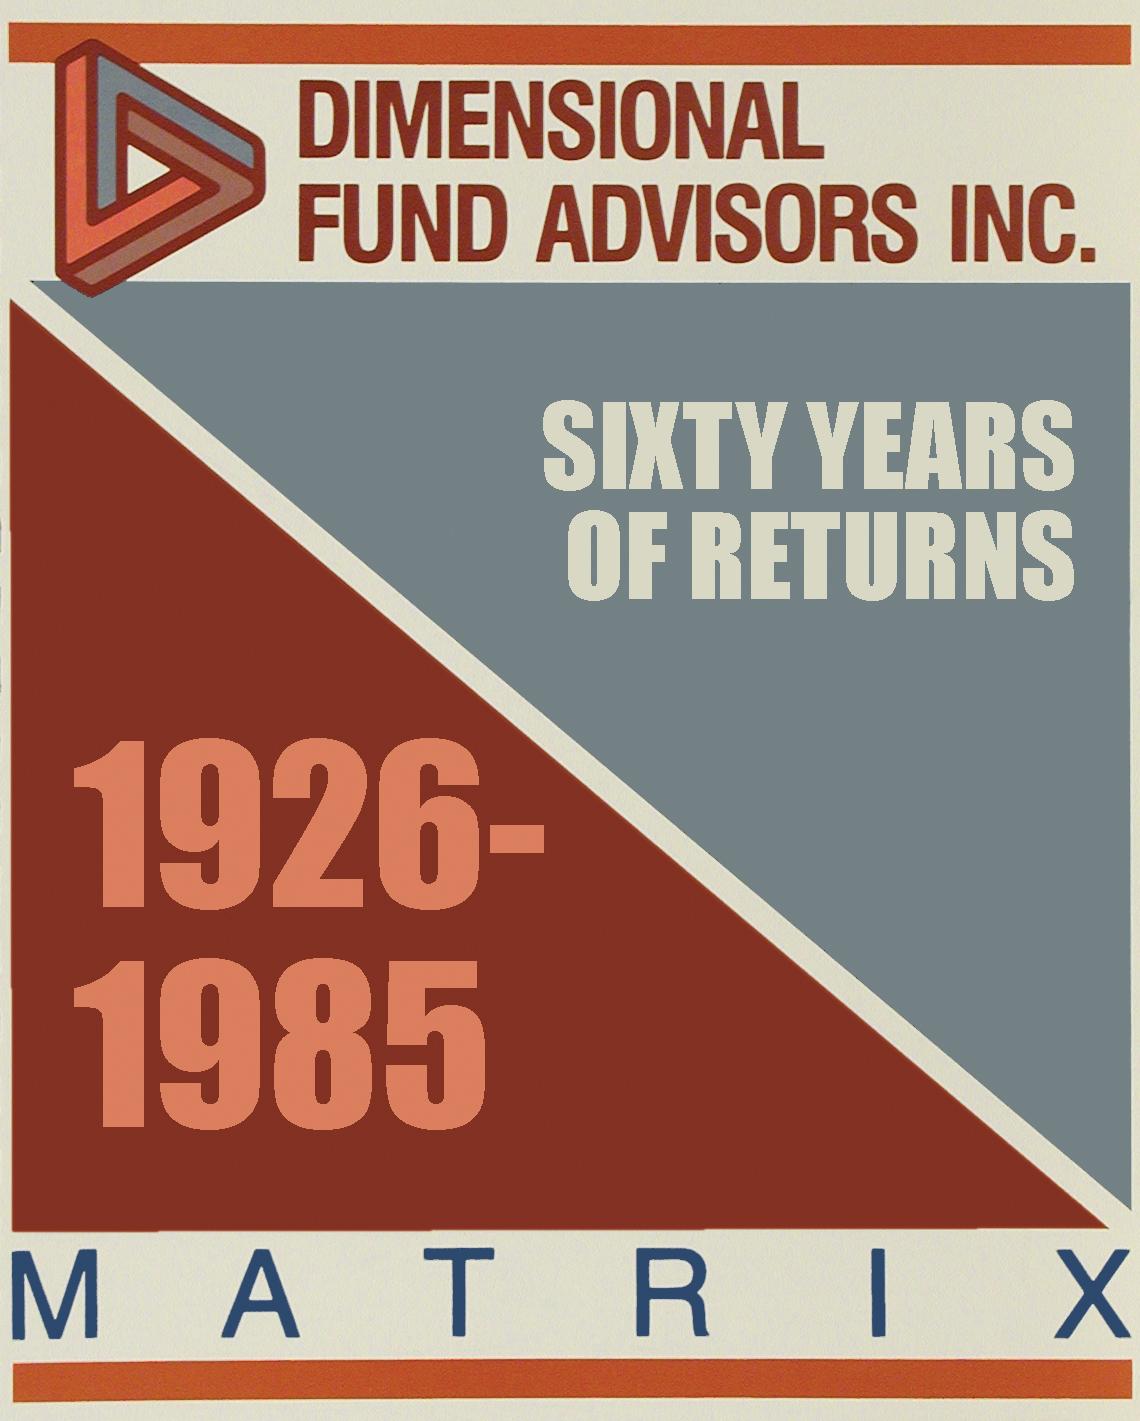 DFA Matrix Book 1985